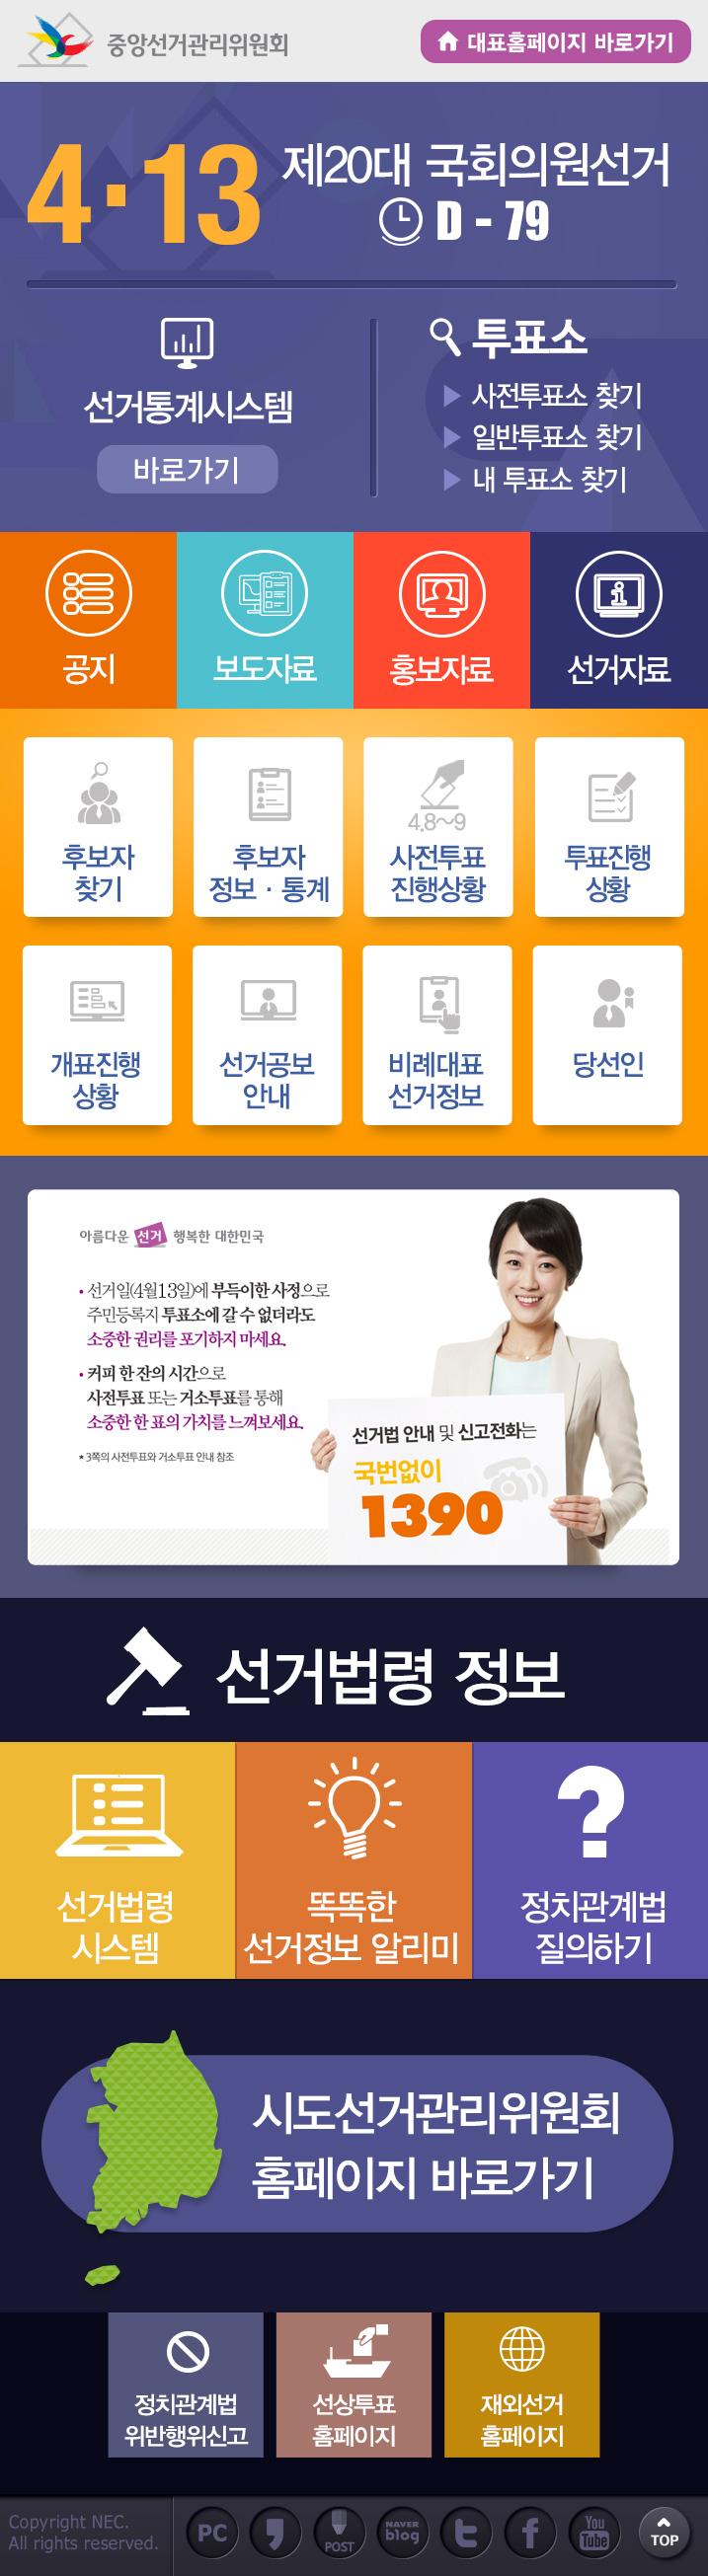 [중앙선거관리위원회]_선거특집페이지_모바일_v.2.1_Release